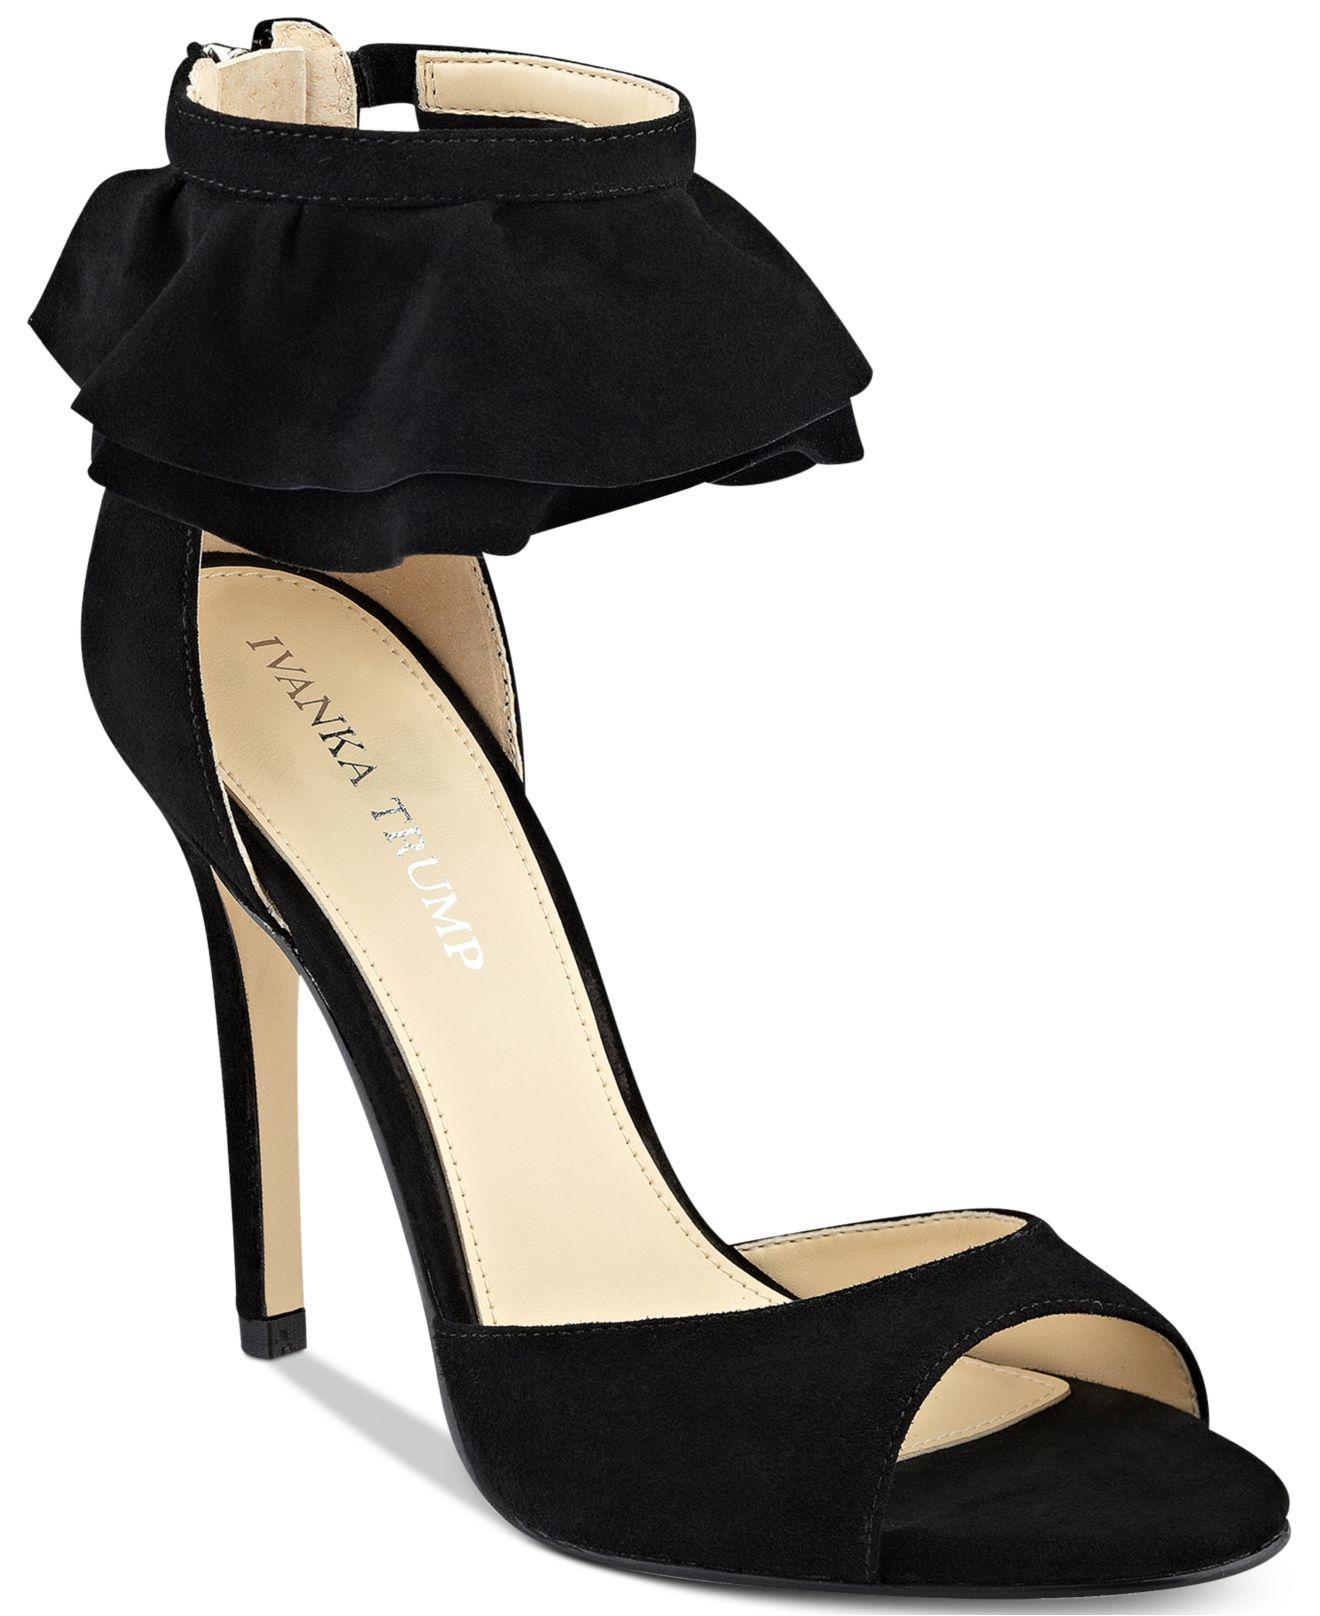 Lyst Ivanka Two Trump Herlle Two Ivanka piece Dress Sandales in schwarz de1e41